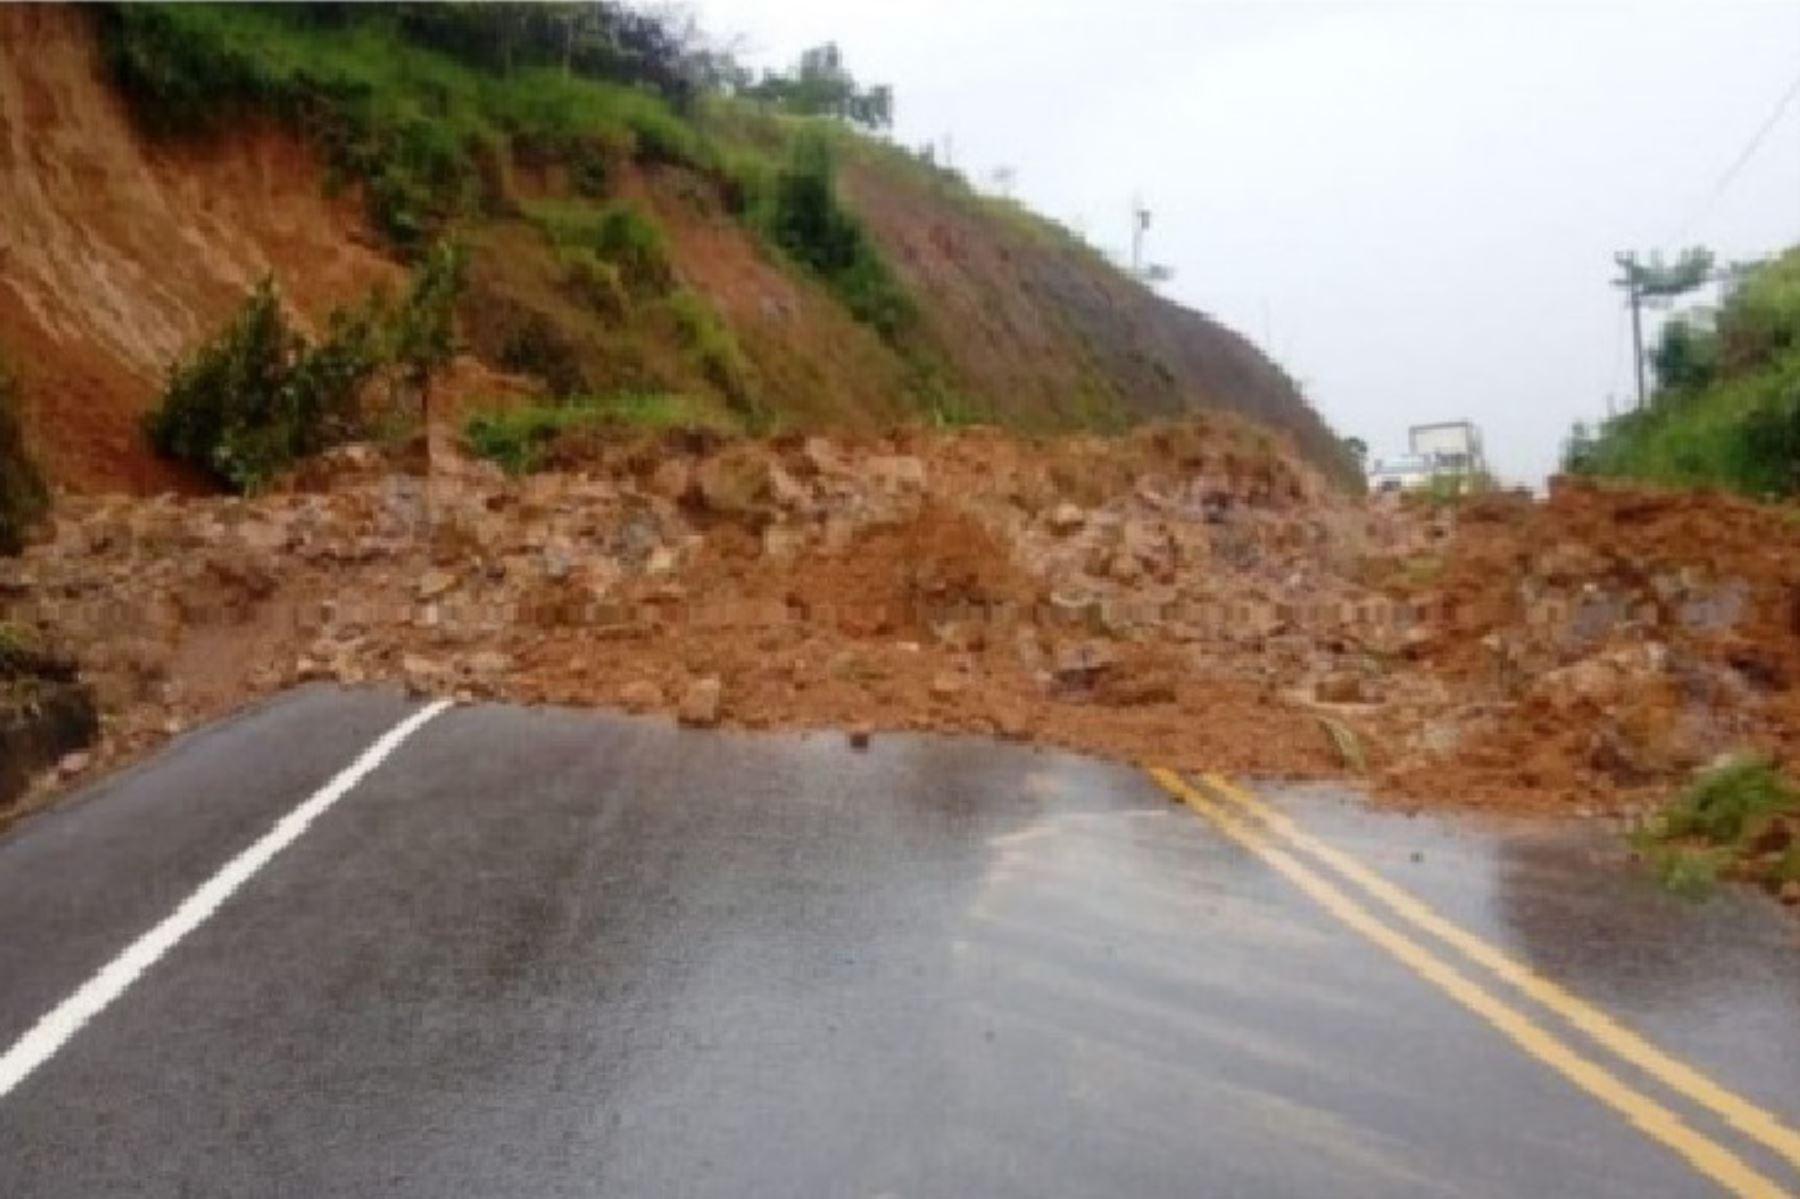 Deslizamiento afecta tránsito en la carretera Fernando Belaunde en región San Martín. ANDINA